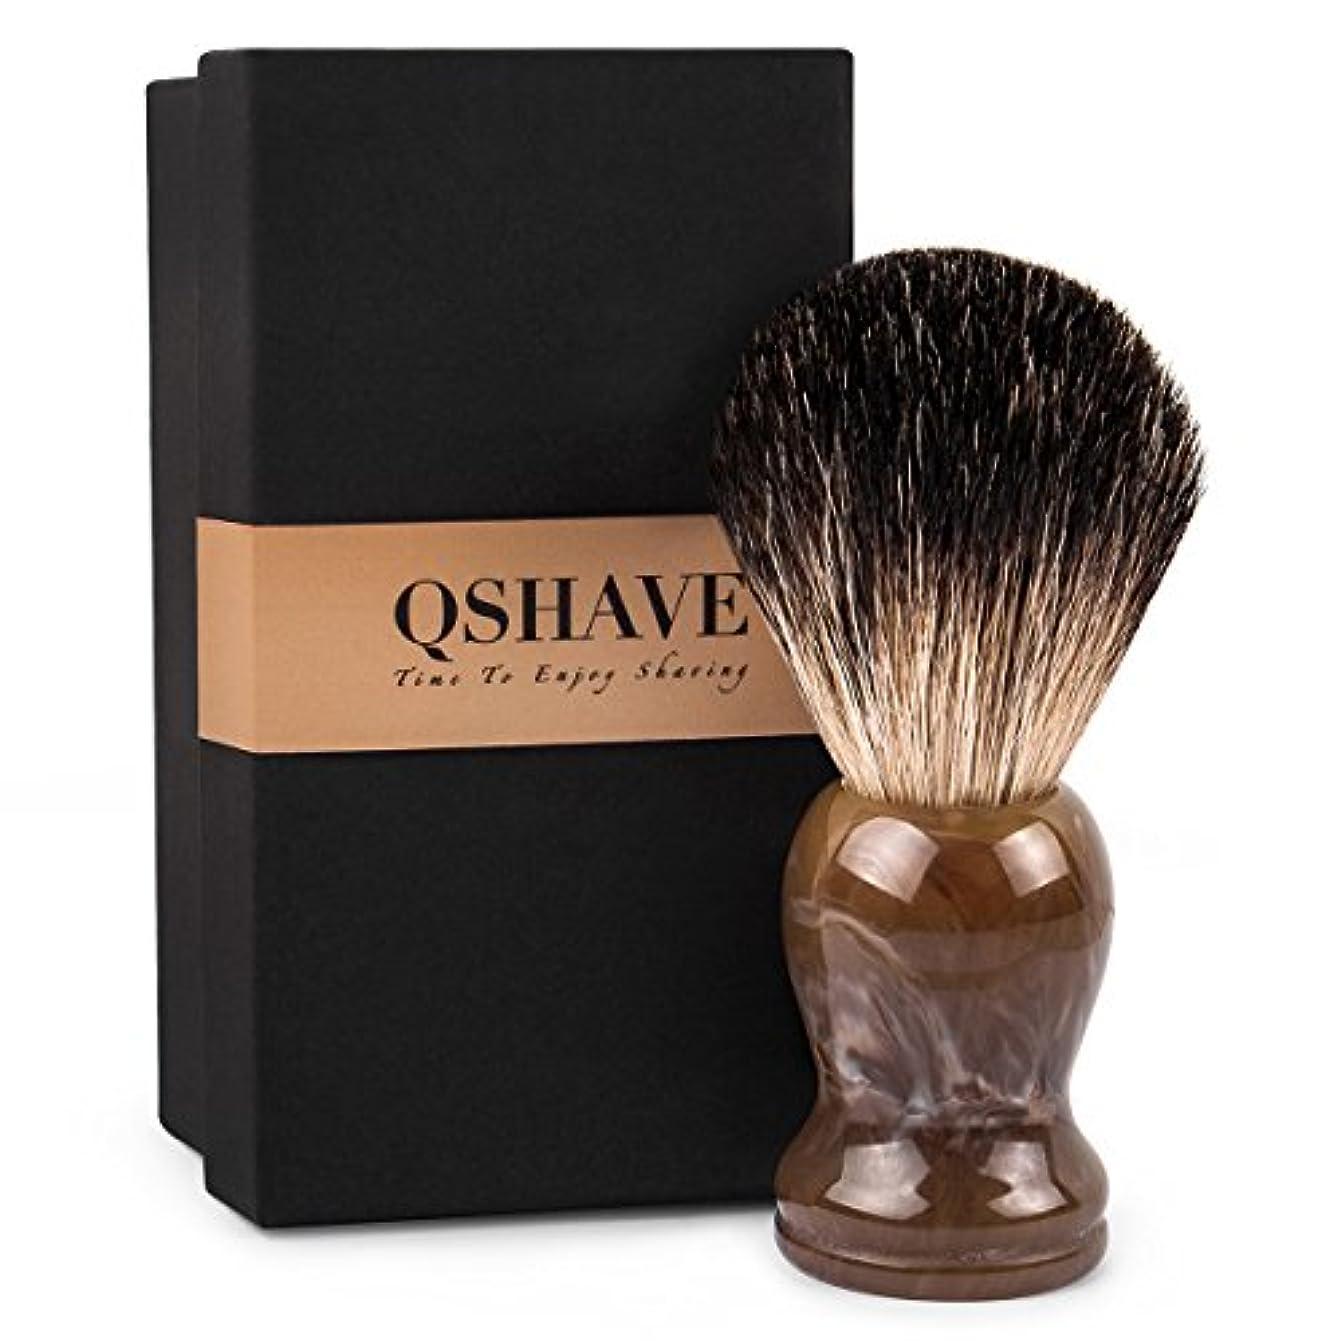 会話郵便屋さん赤面QSHAVE 100%アナグマ毛 オリジナルハンドメイドシェービングブラシ。ウェットシェービング、安全カミソリ、両刃カミソリに最適